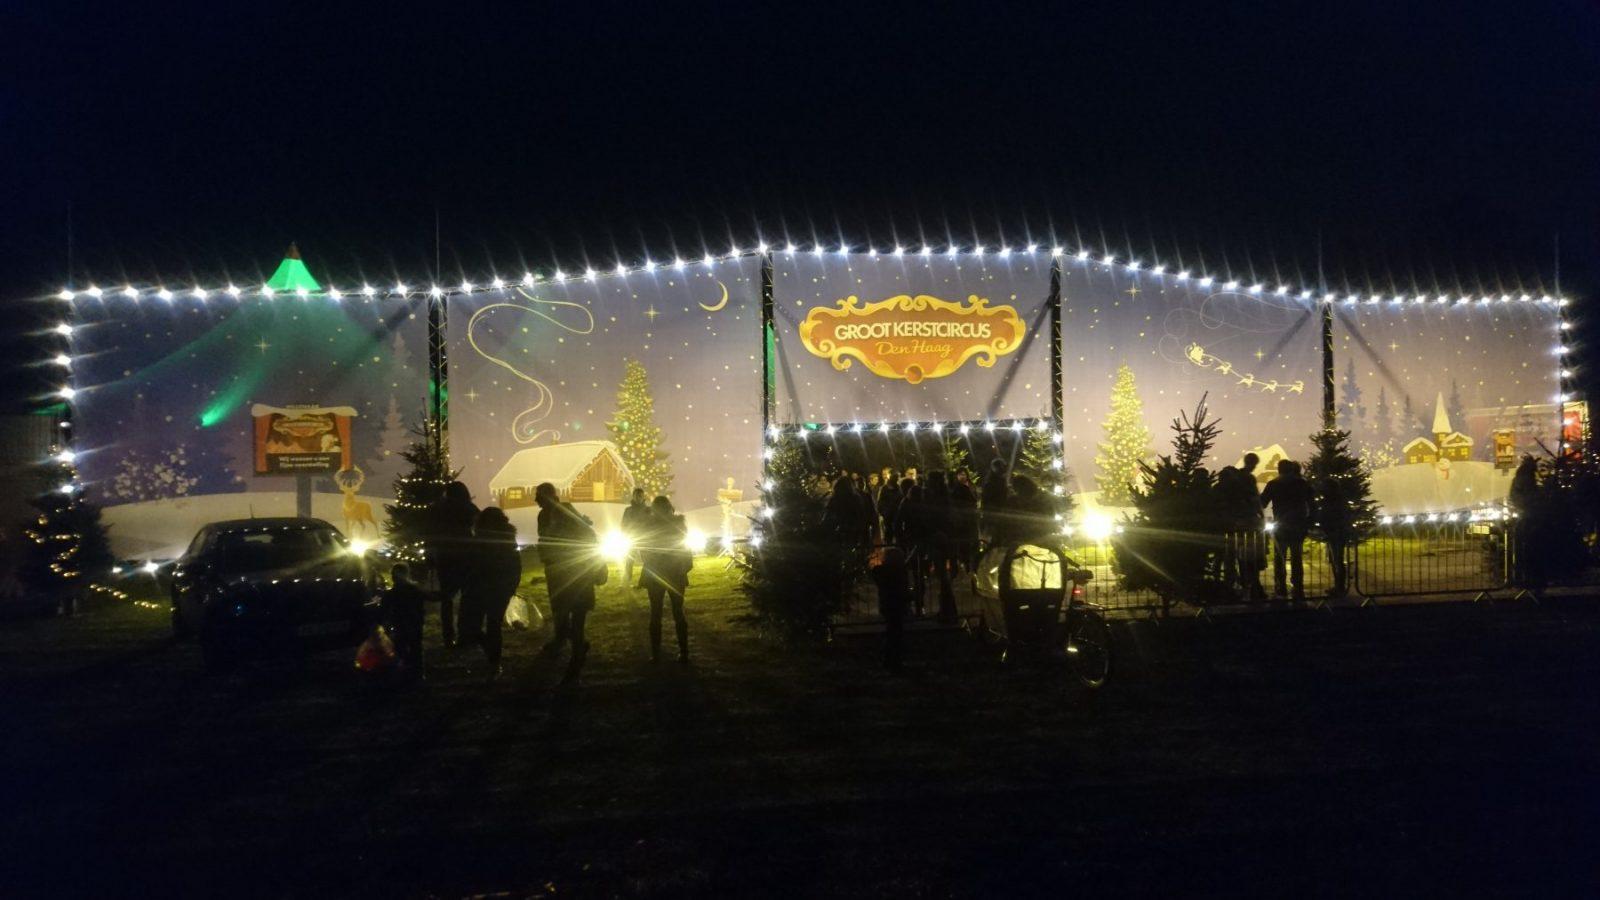 Nieuwjaarsweekend Circus